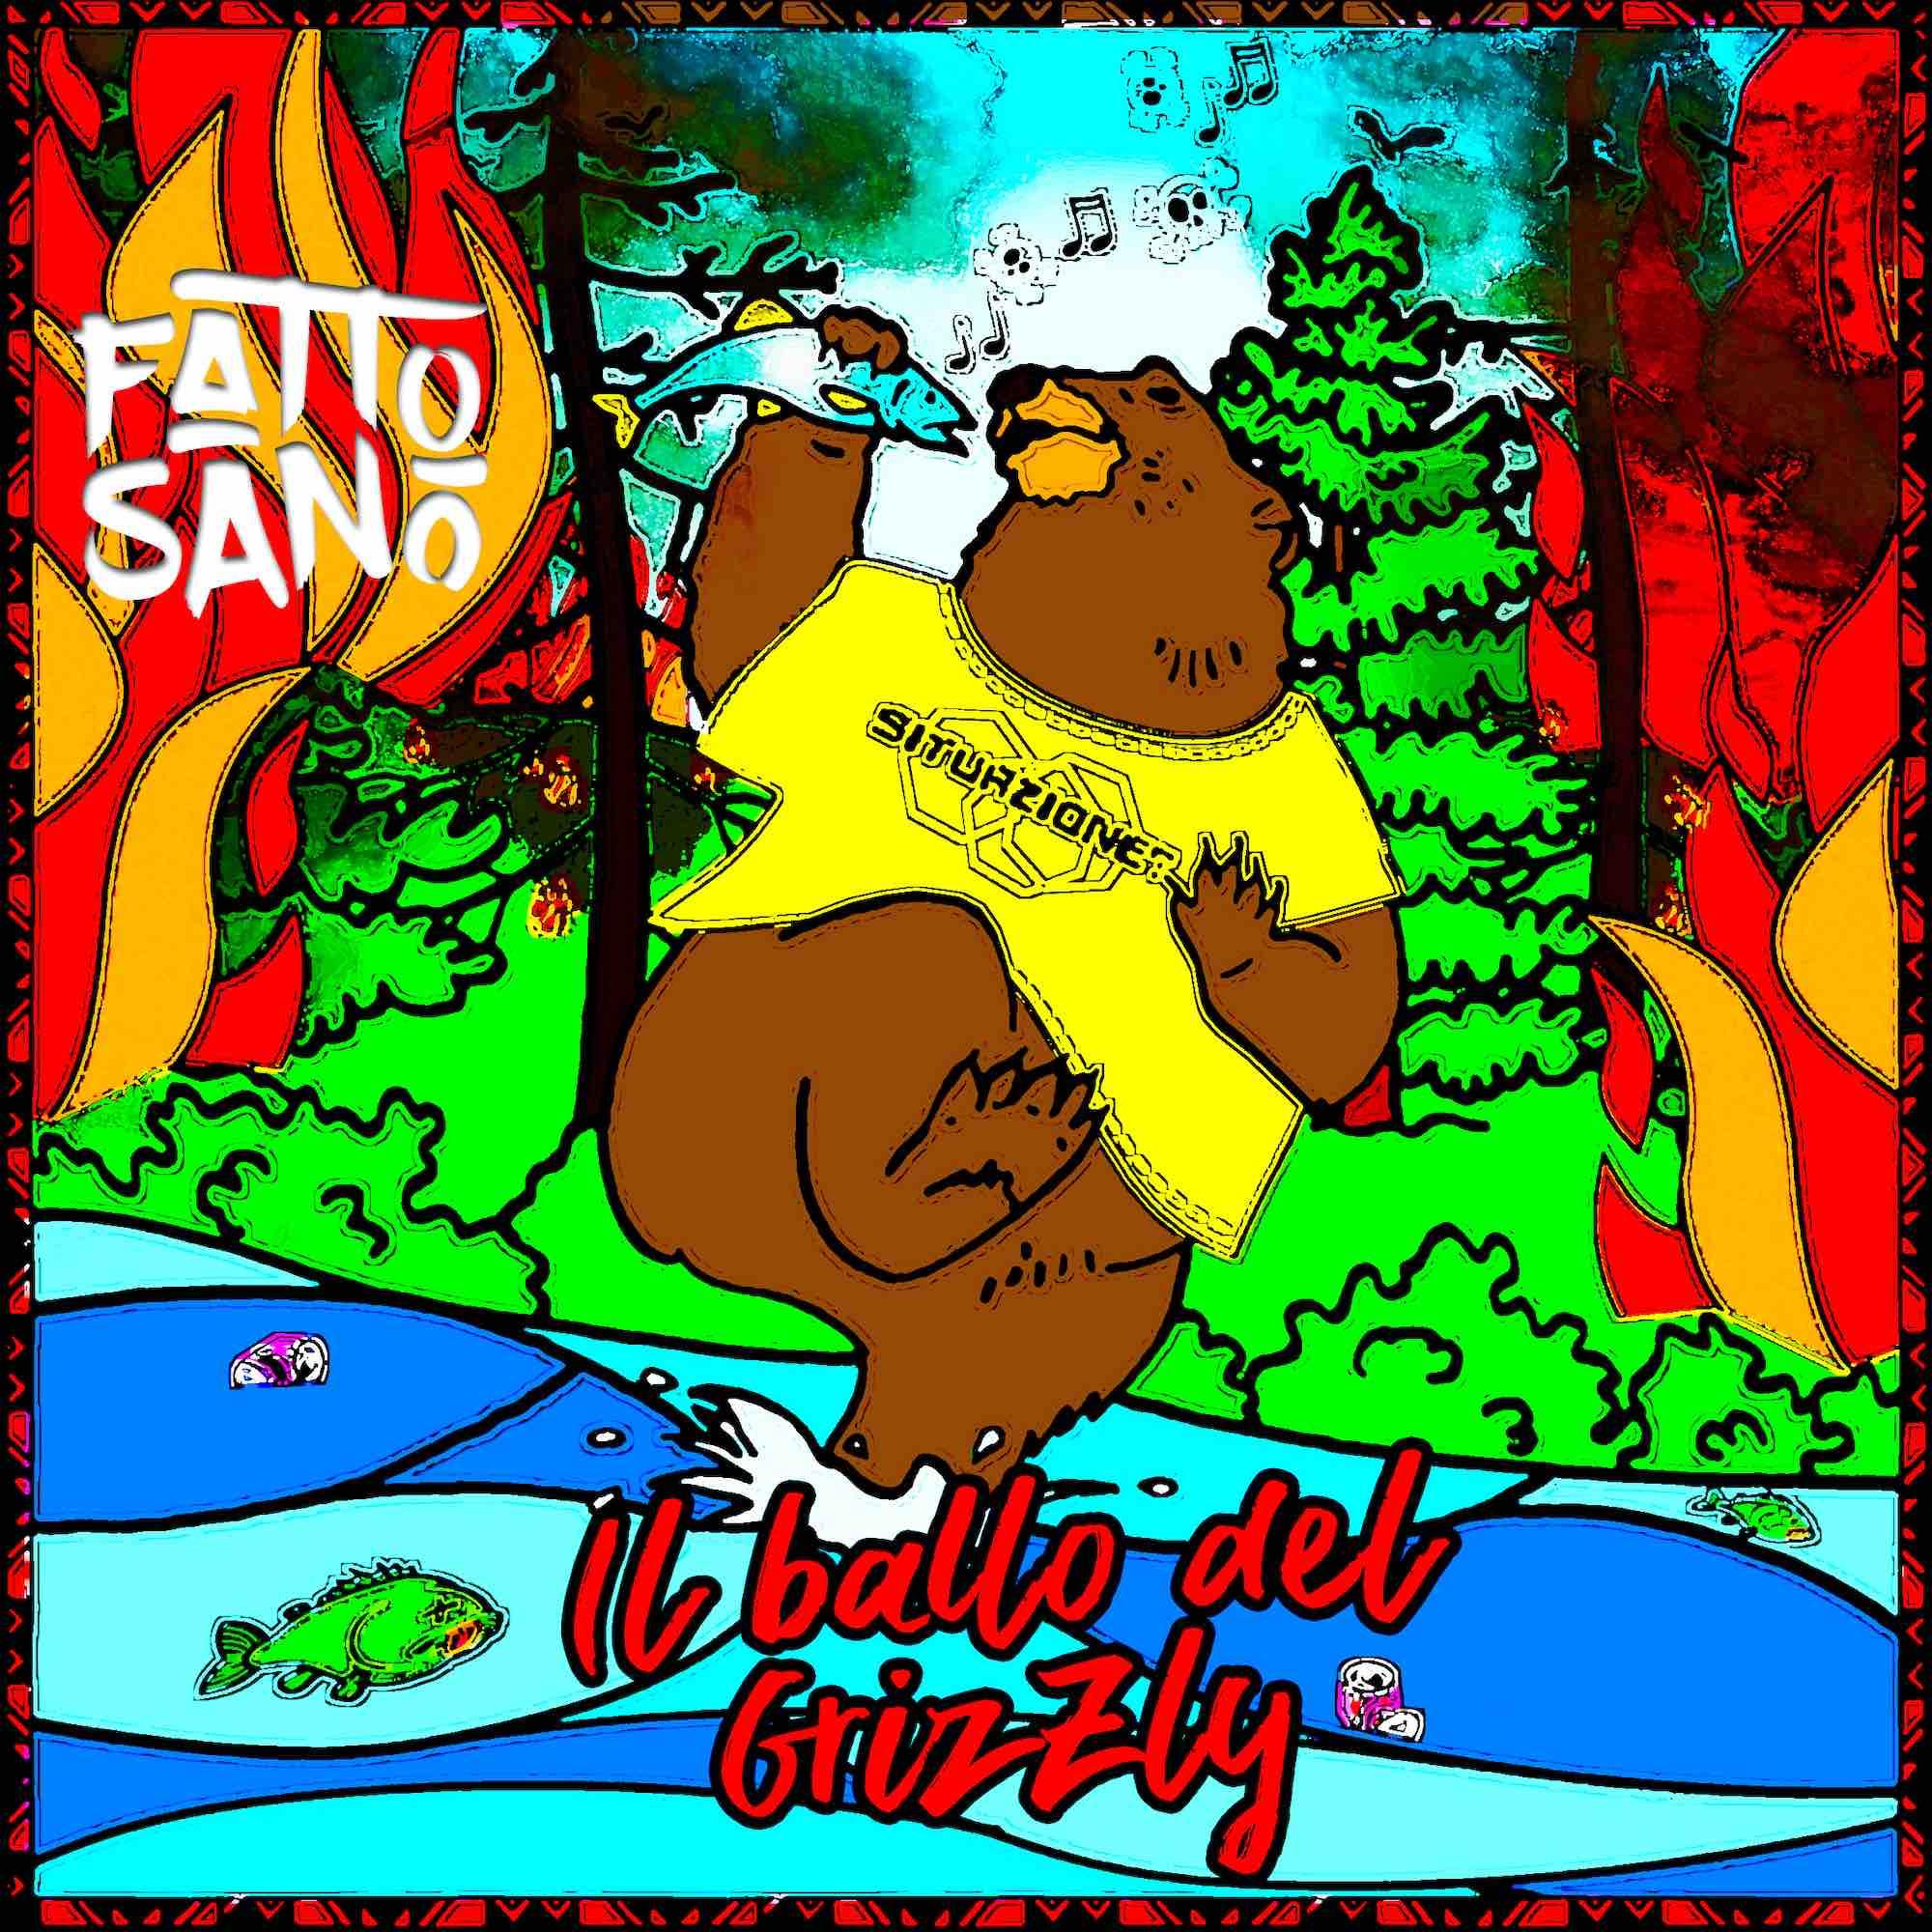 fatto sano il ballo del grizzly